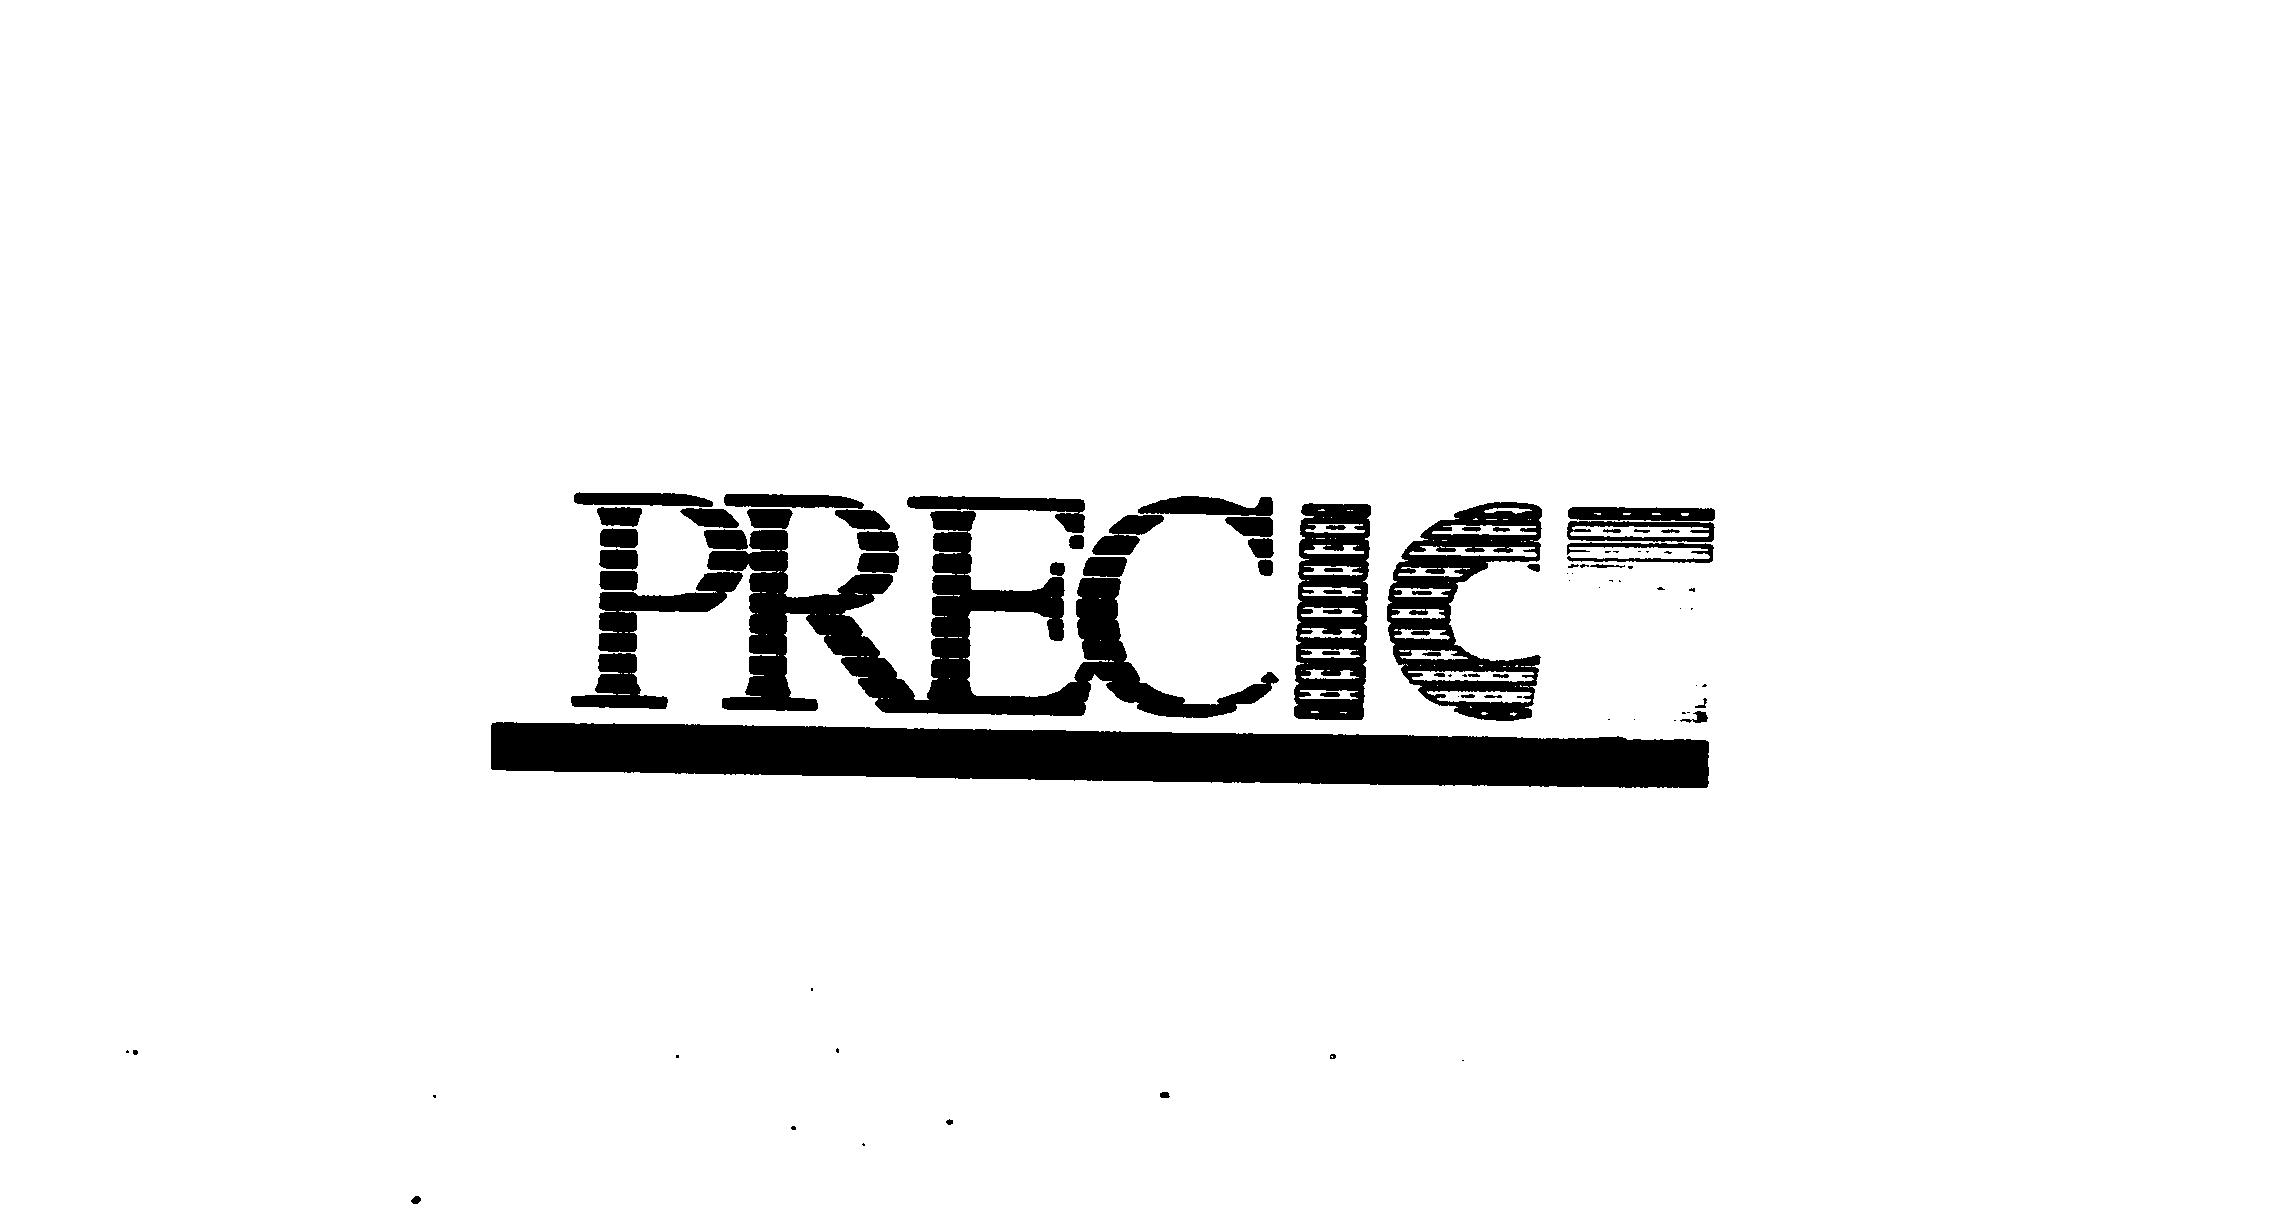 PRECICE